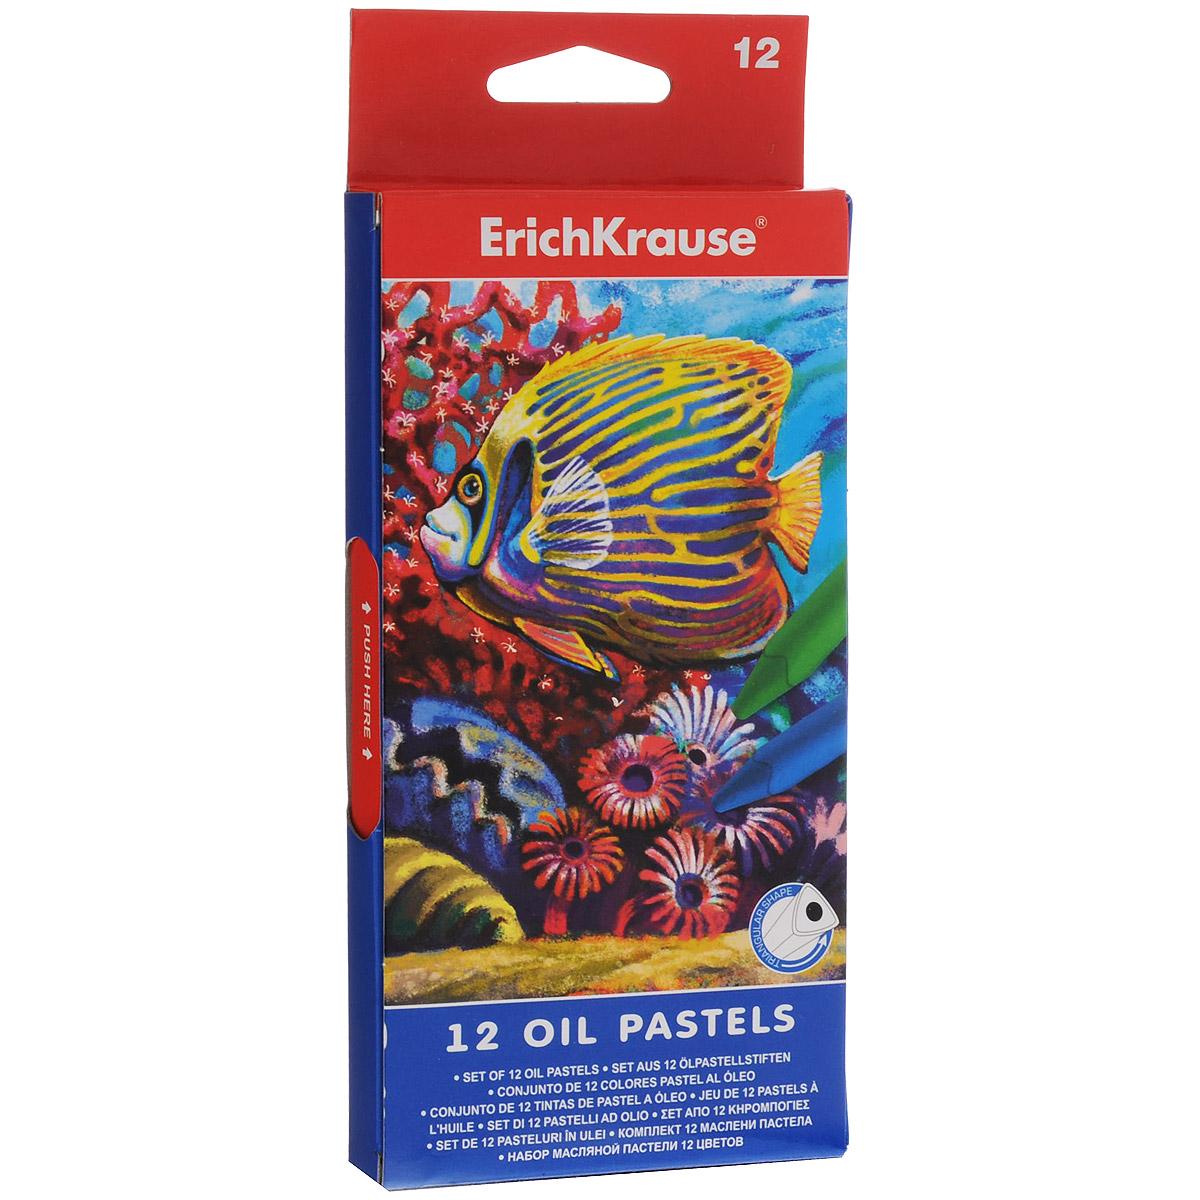 Пастель масляная Erich Krause, 12 цветов. EK 34933125308Пастель масляная Erich Krause предназначена для эскизных и живописных работ. Пастель изготовлена с использованием пигментов и восков. Обладает мягкой текстурой и насыщенными цветами. Не крошится при рисовании, мягко ложится на бумагу. Каждый мелок в индивидуальной бумажной обертке.Длина мелка: 7,5 см.